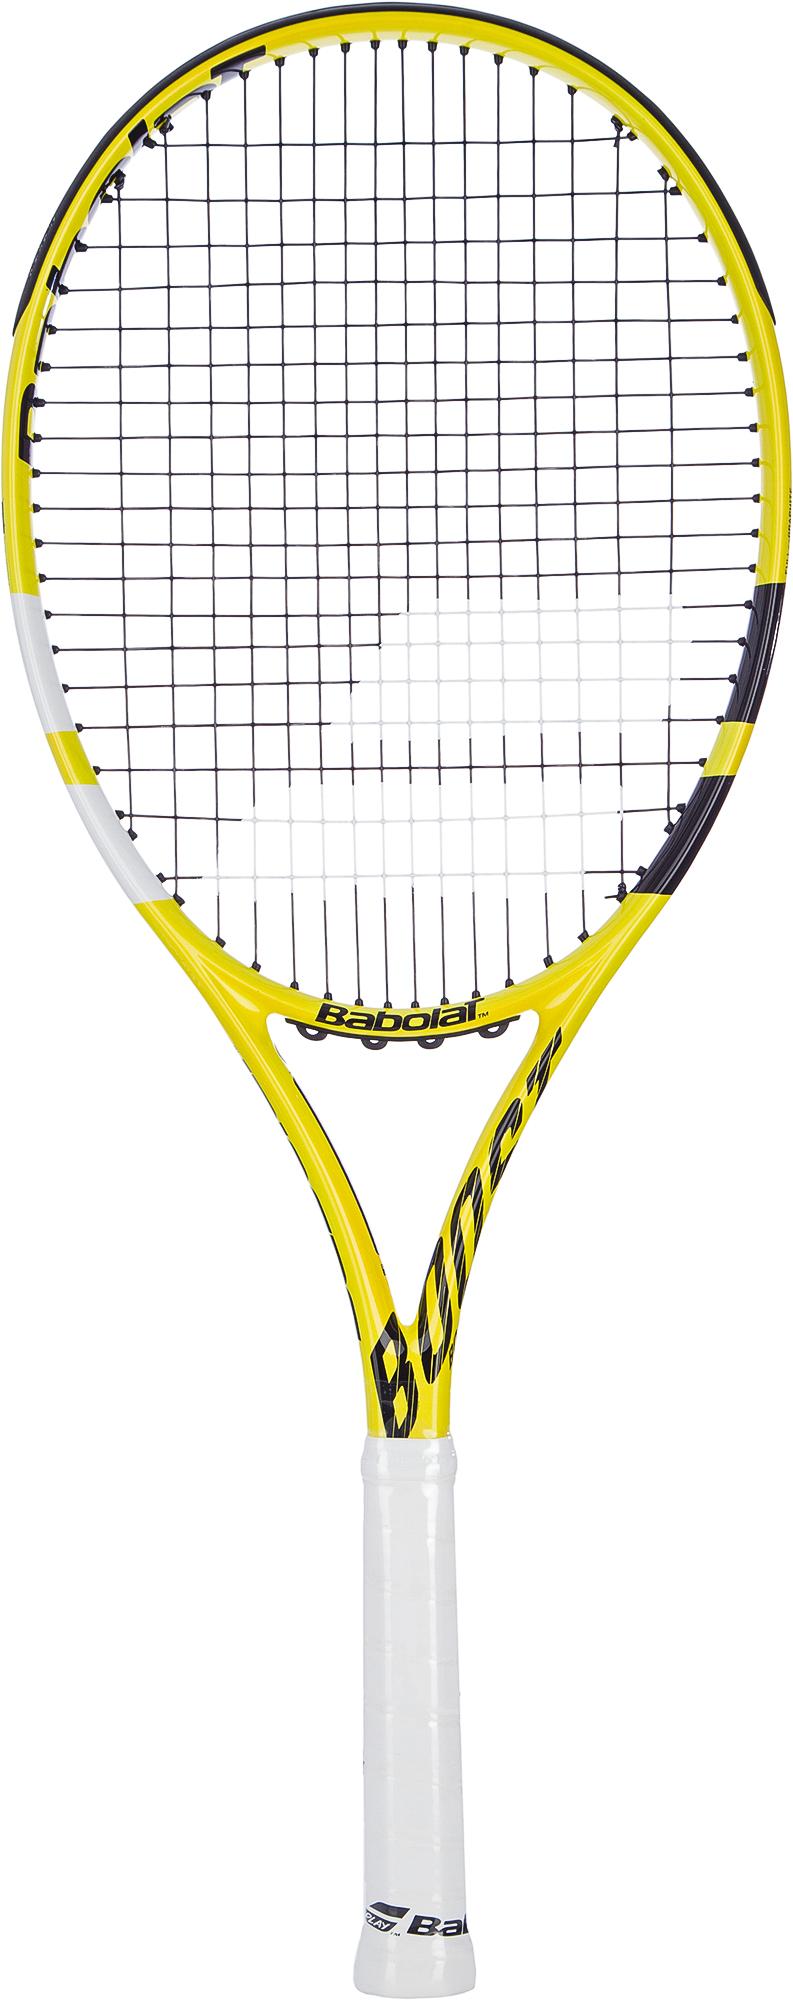 Babolat Ракетка для большого тенниса Babolat Boost Aero цена в Москве и Питере